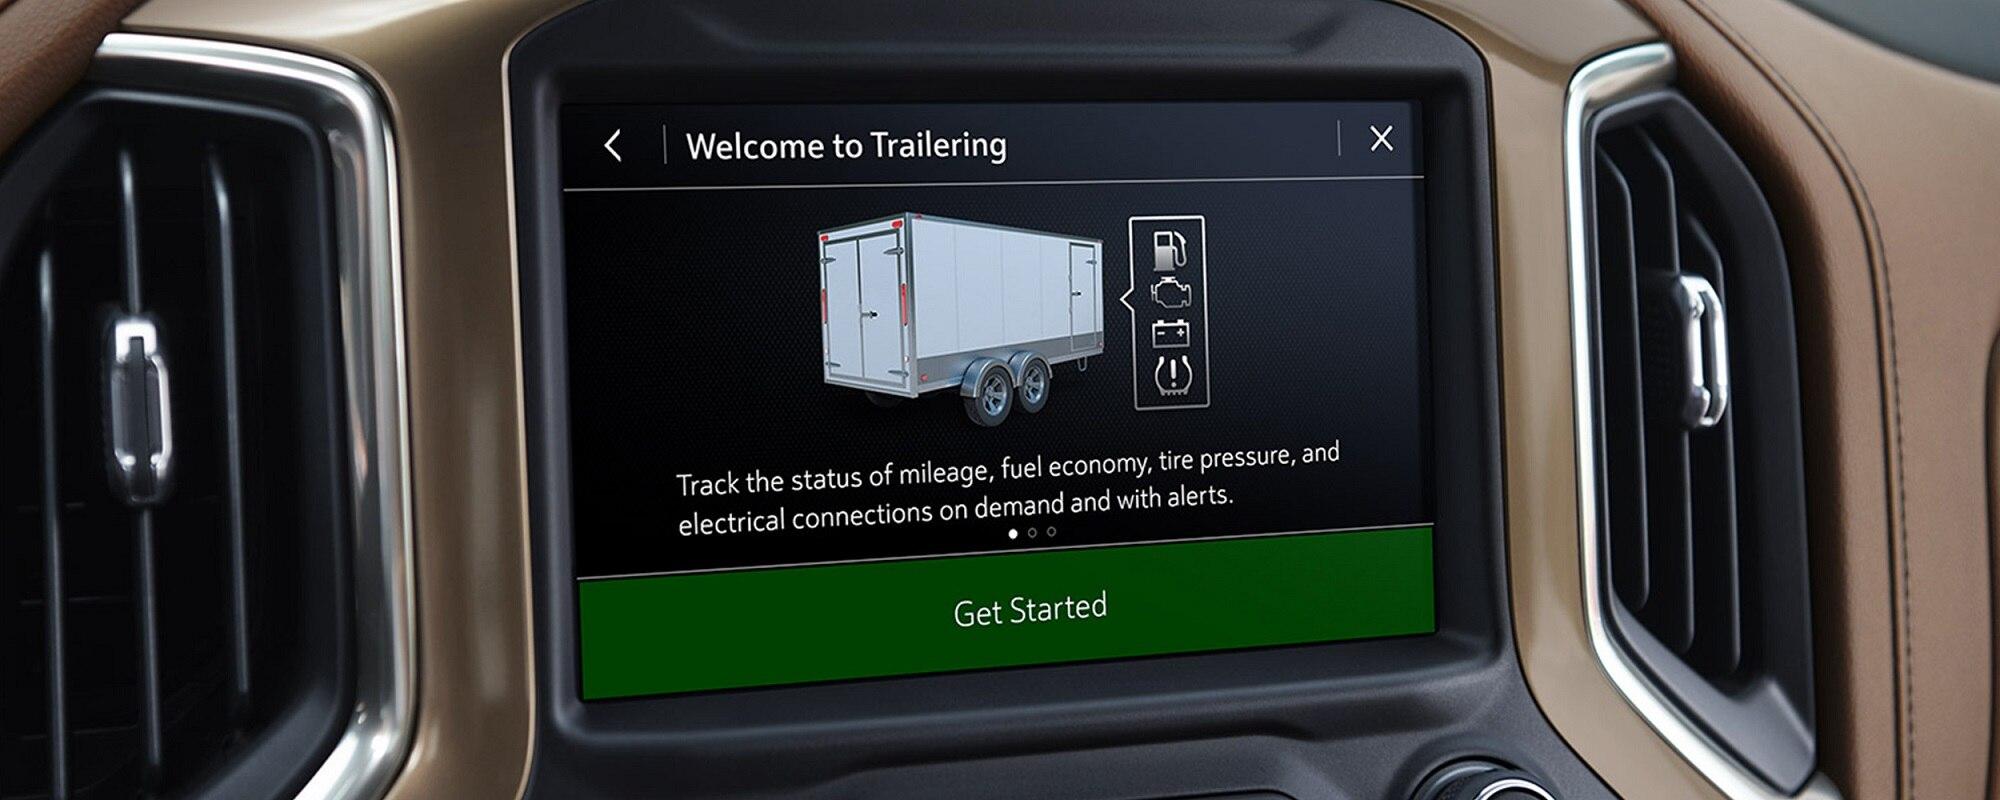 Sistema de remolque integrado en la camioneta Silverado 1500 2019